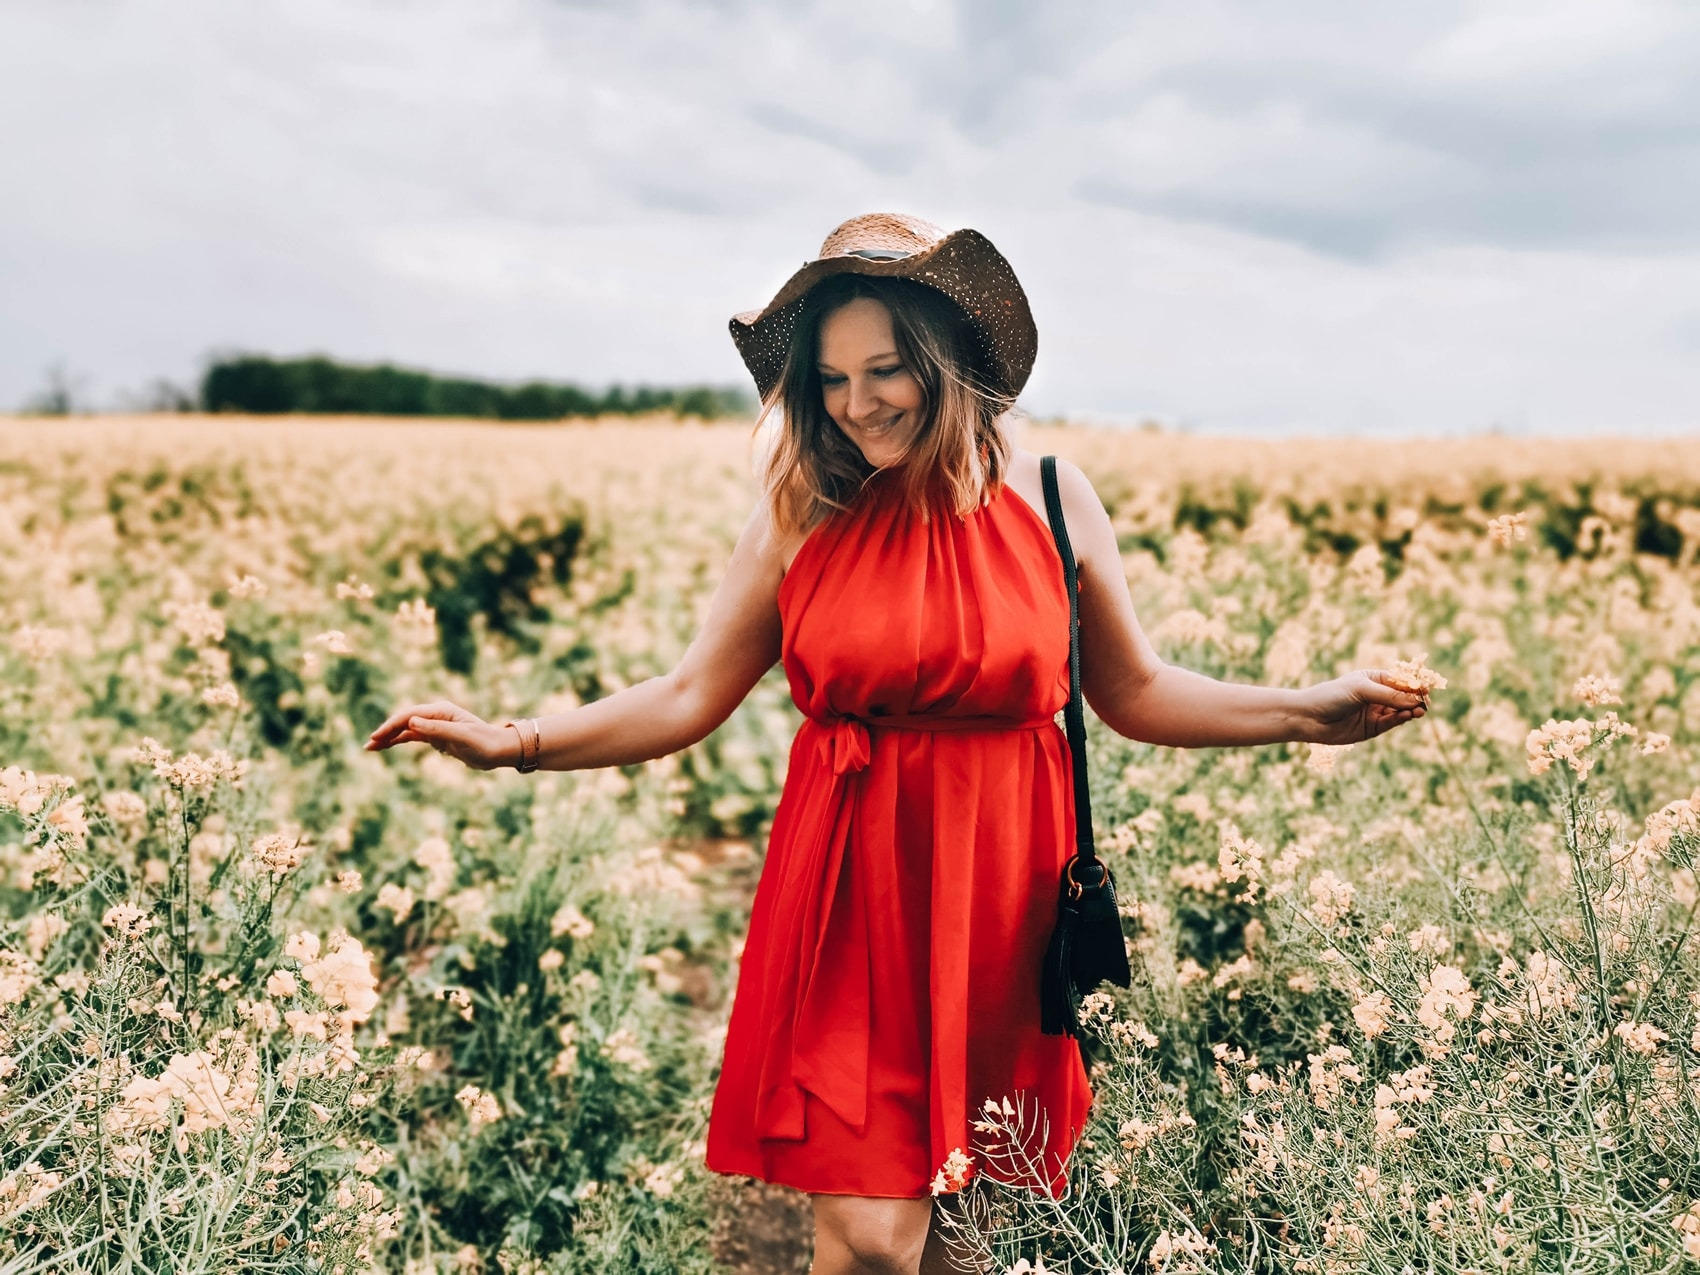 sukienka-czerwona_stylizacja